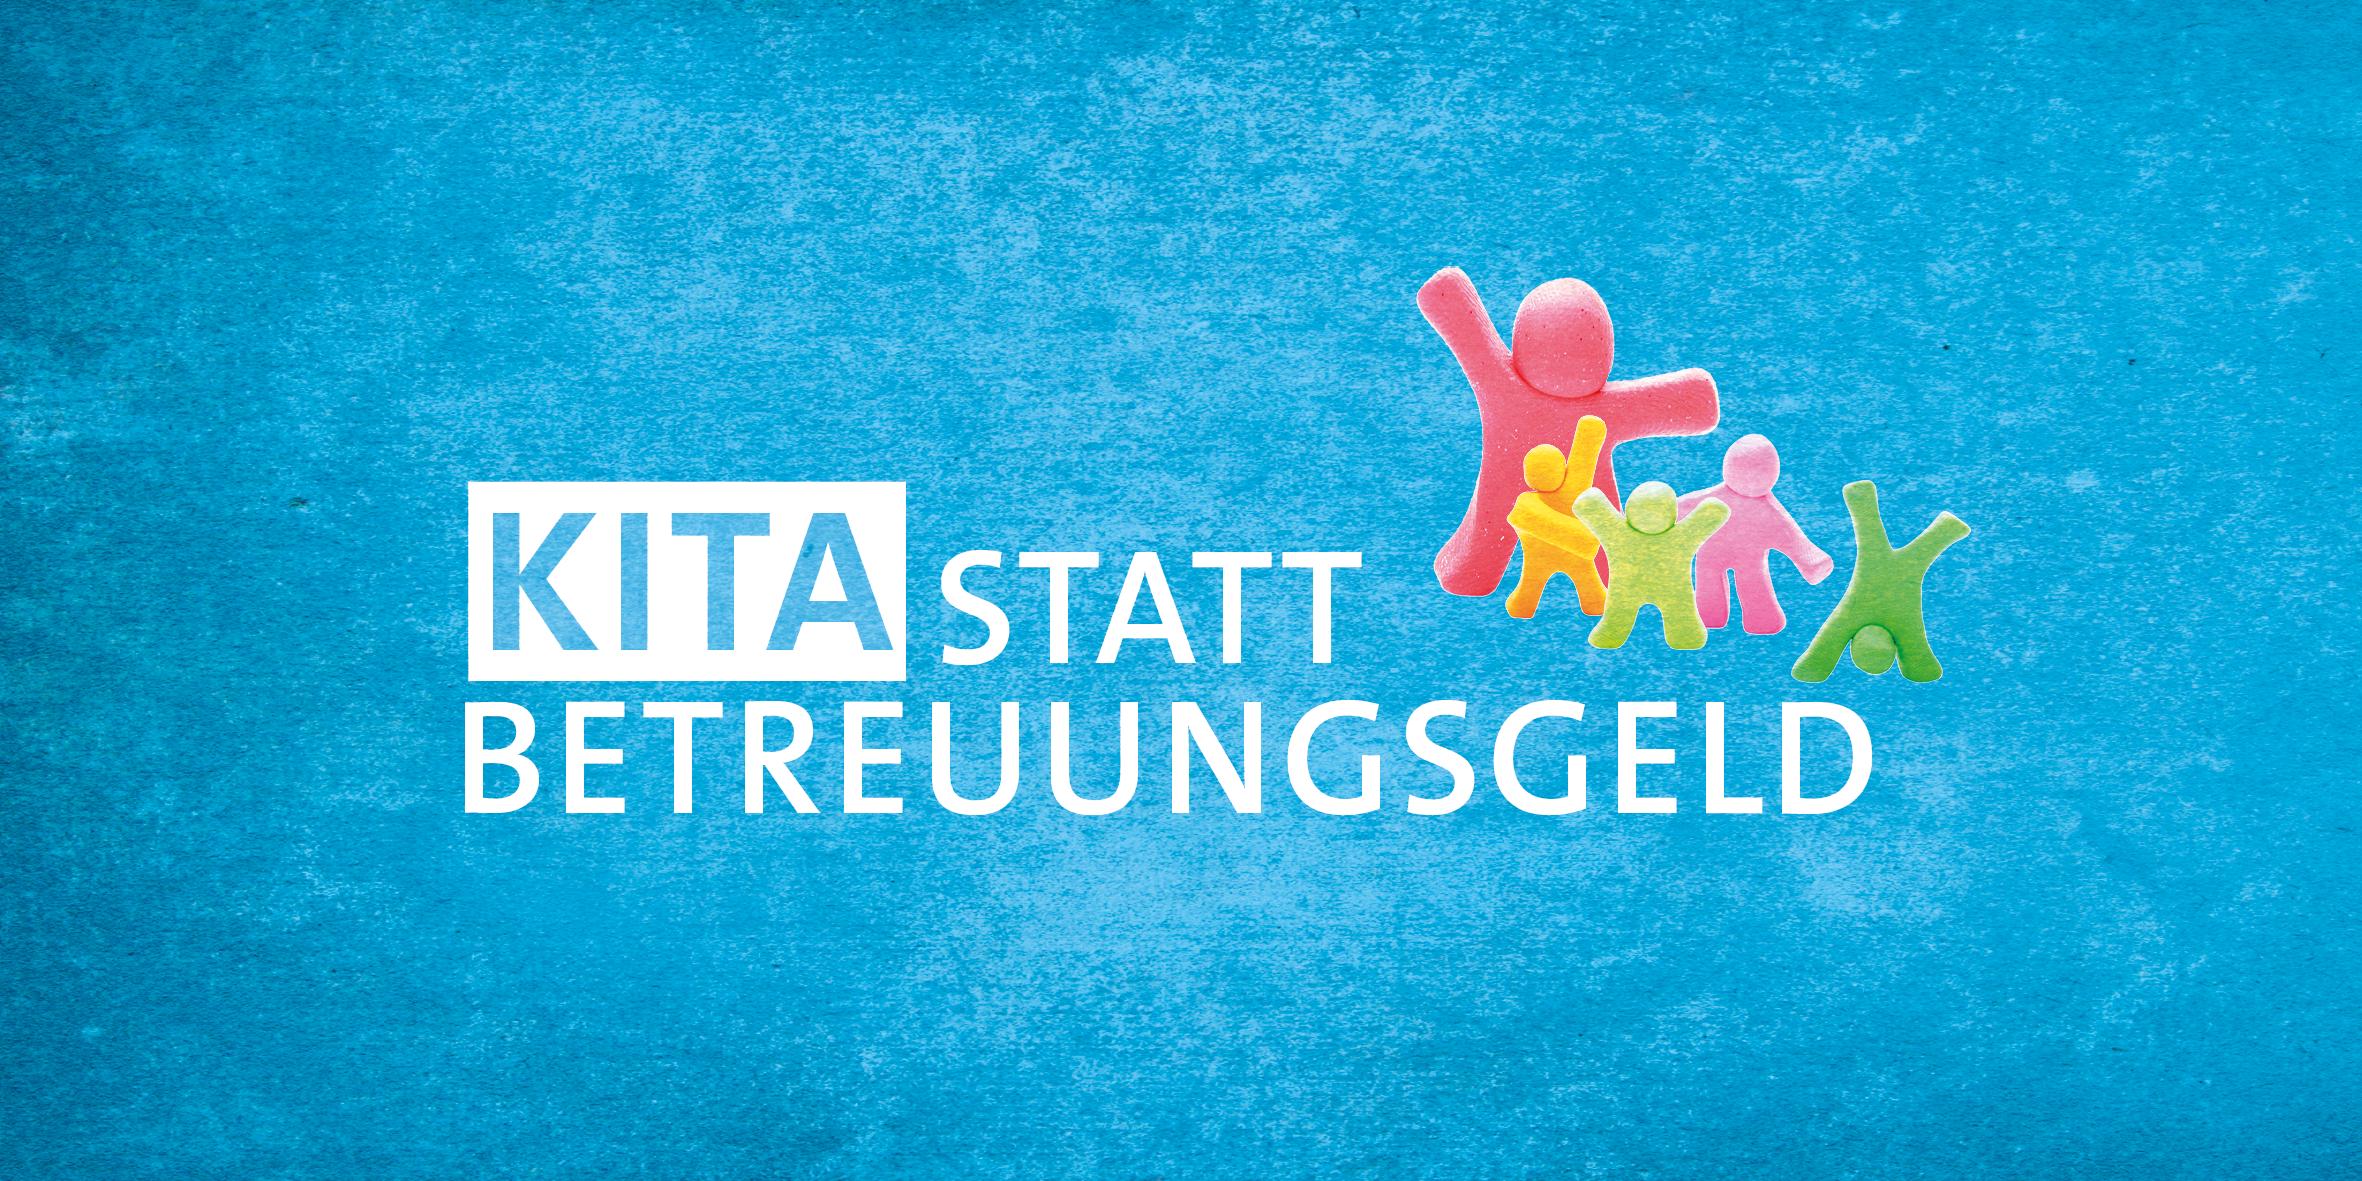 Kommunen profitieren vom Wegfall des Betreuungsgeldes – 44,6 Millionen Euro für Kitas